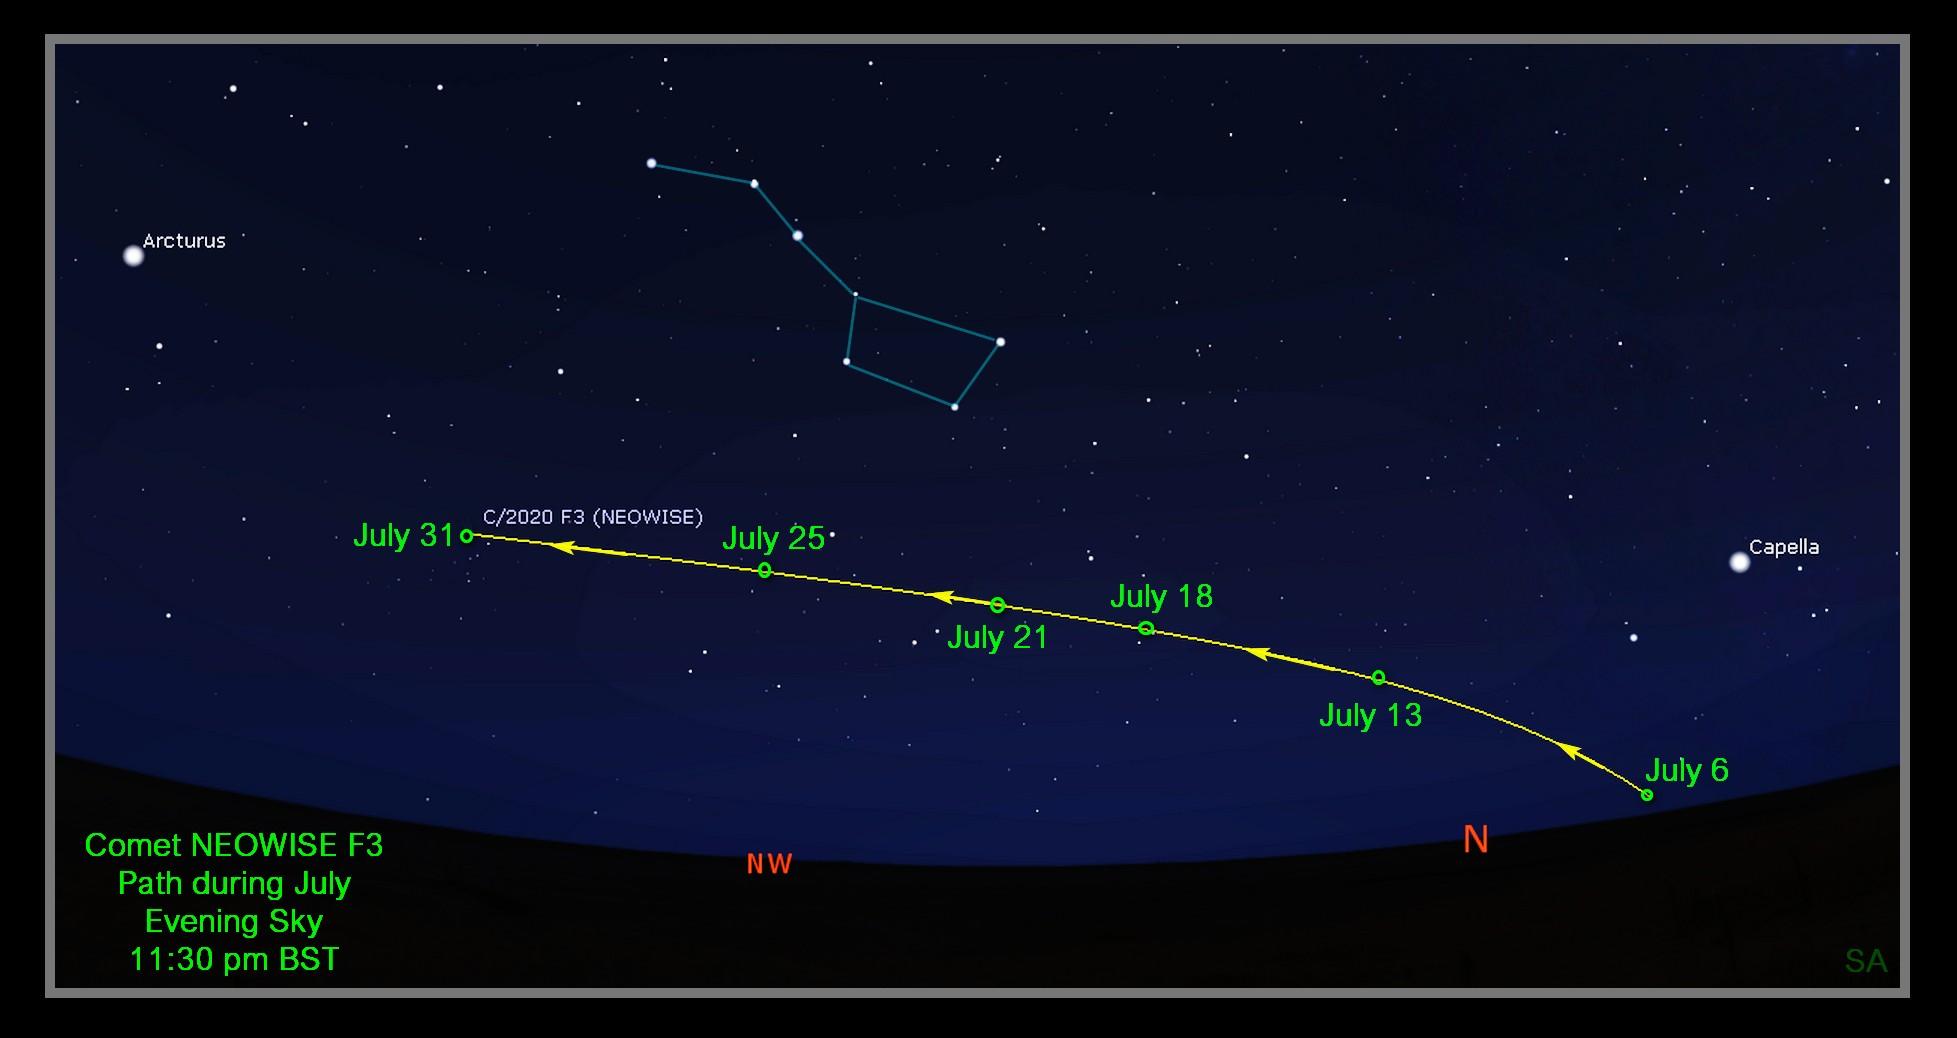 Kometos C/2020 F3 (NEOWISE) kelias tarp žvaigždžių | ras.ac.uk nuotr.